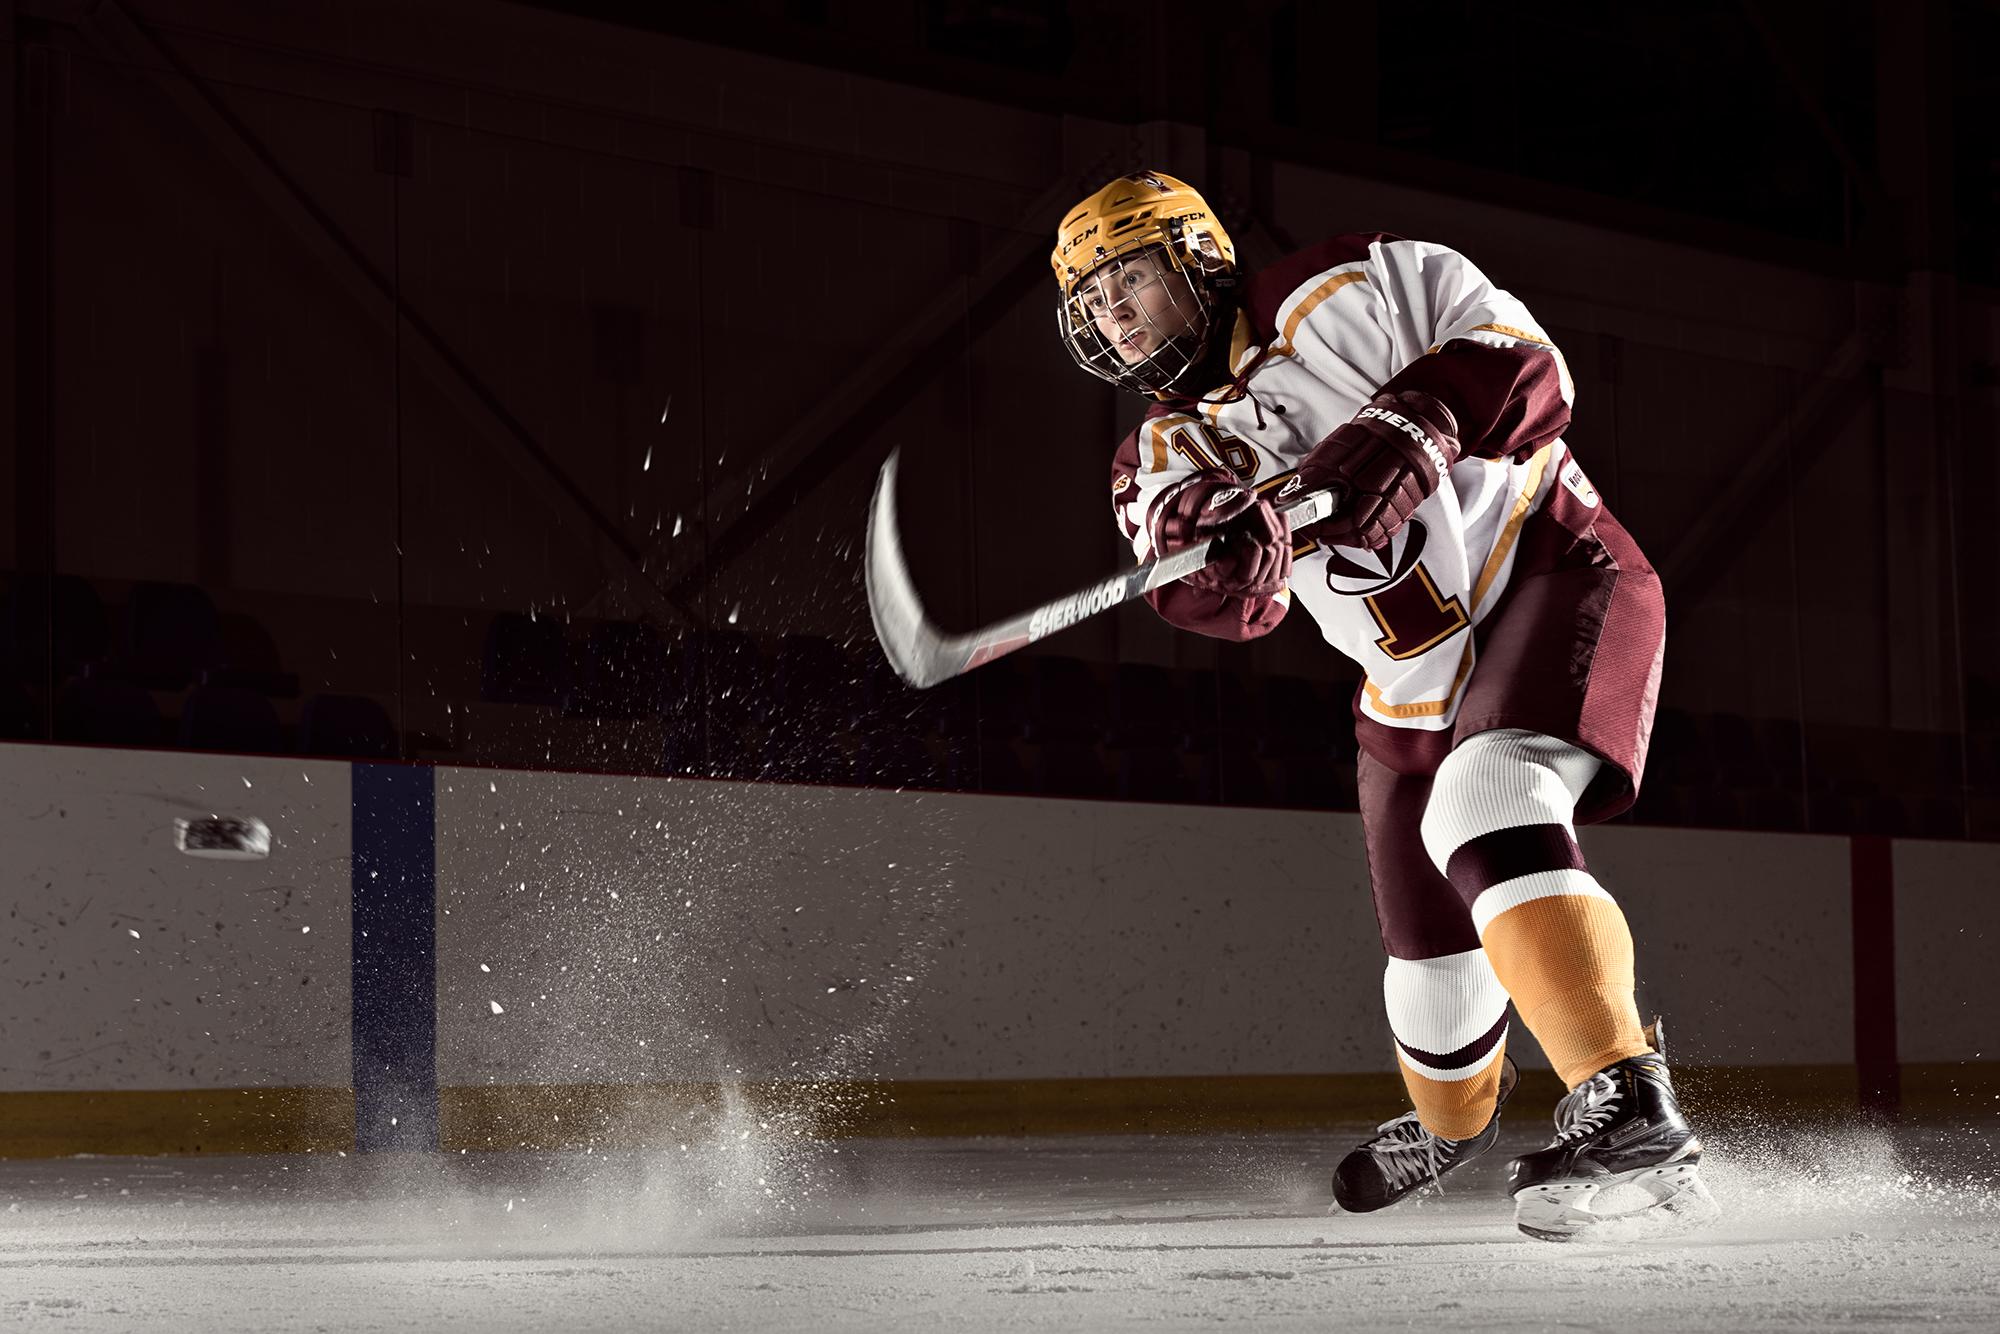 joueuse de hockey qui fait un lancer du poignet